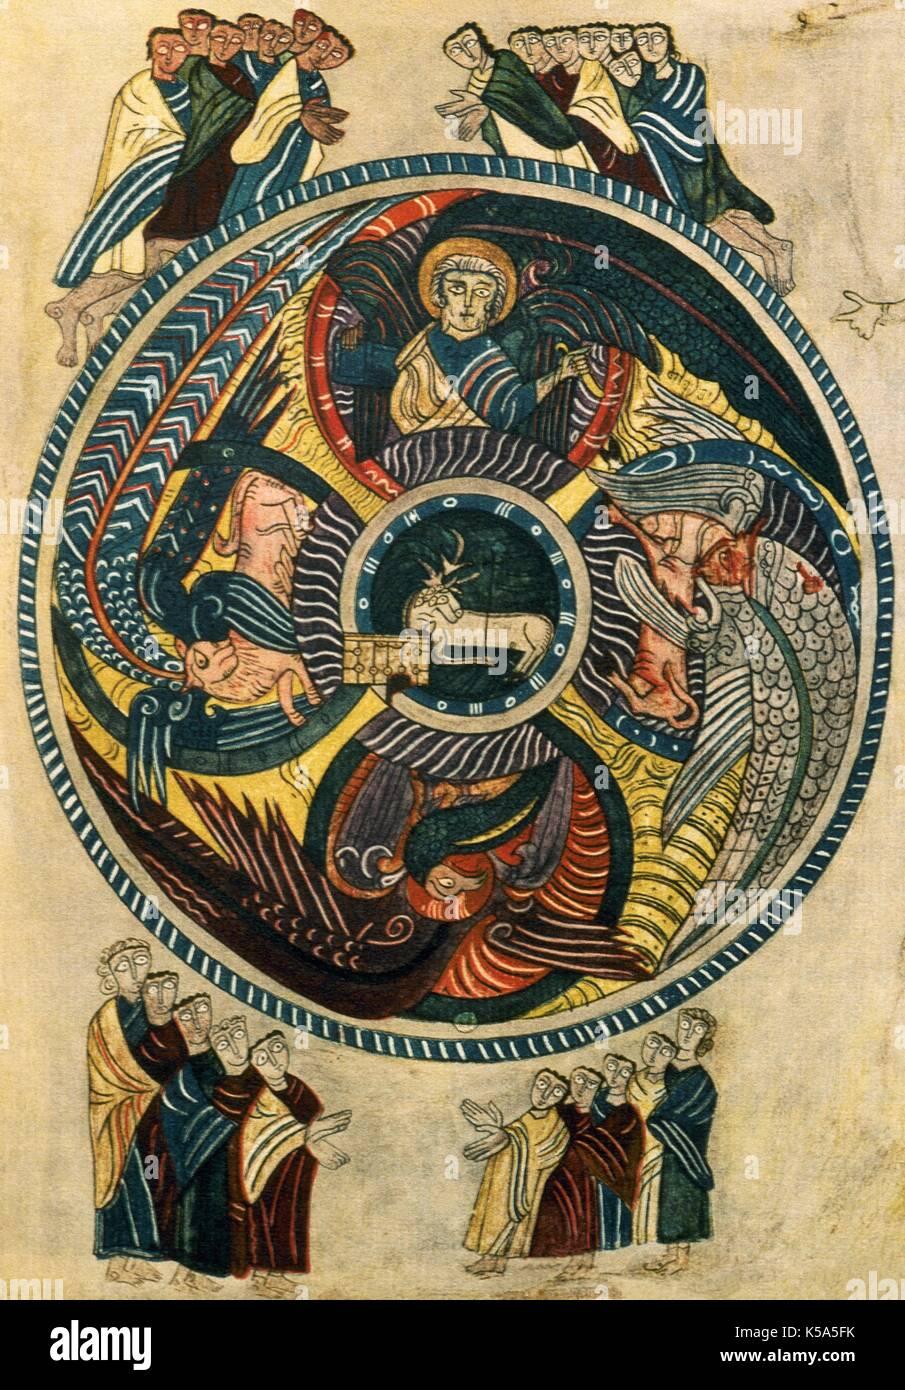 Höhlenbach datiert